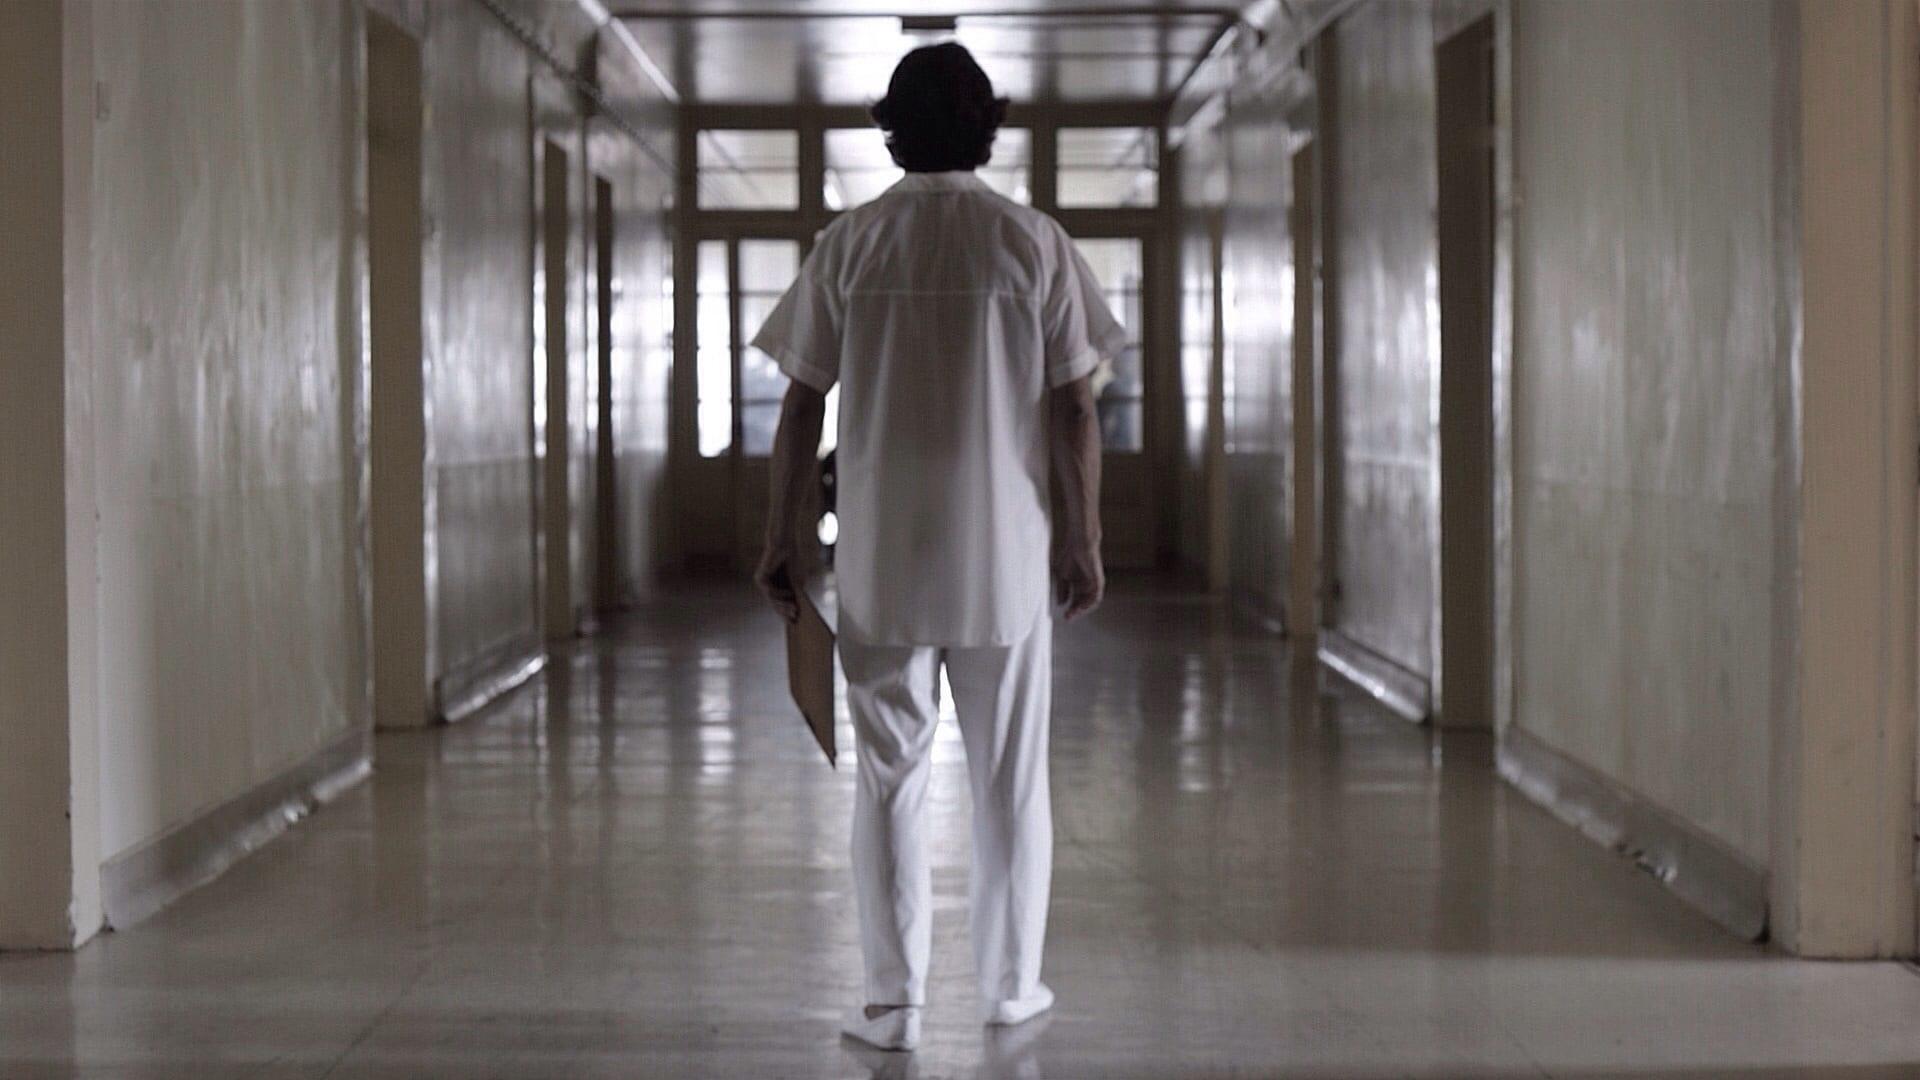 Mal Praxis - lo que debes saber -Tu blog médico-meddi-imagen 1